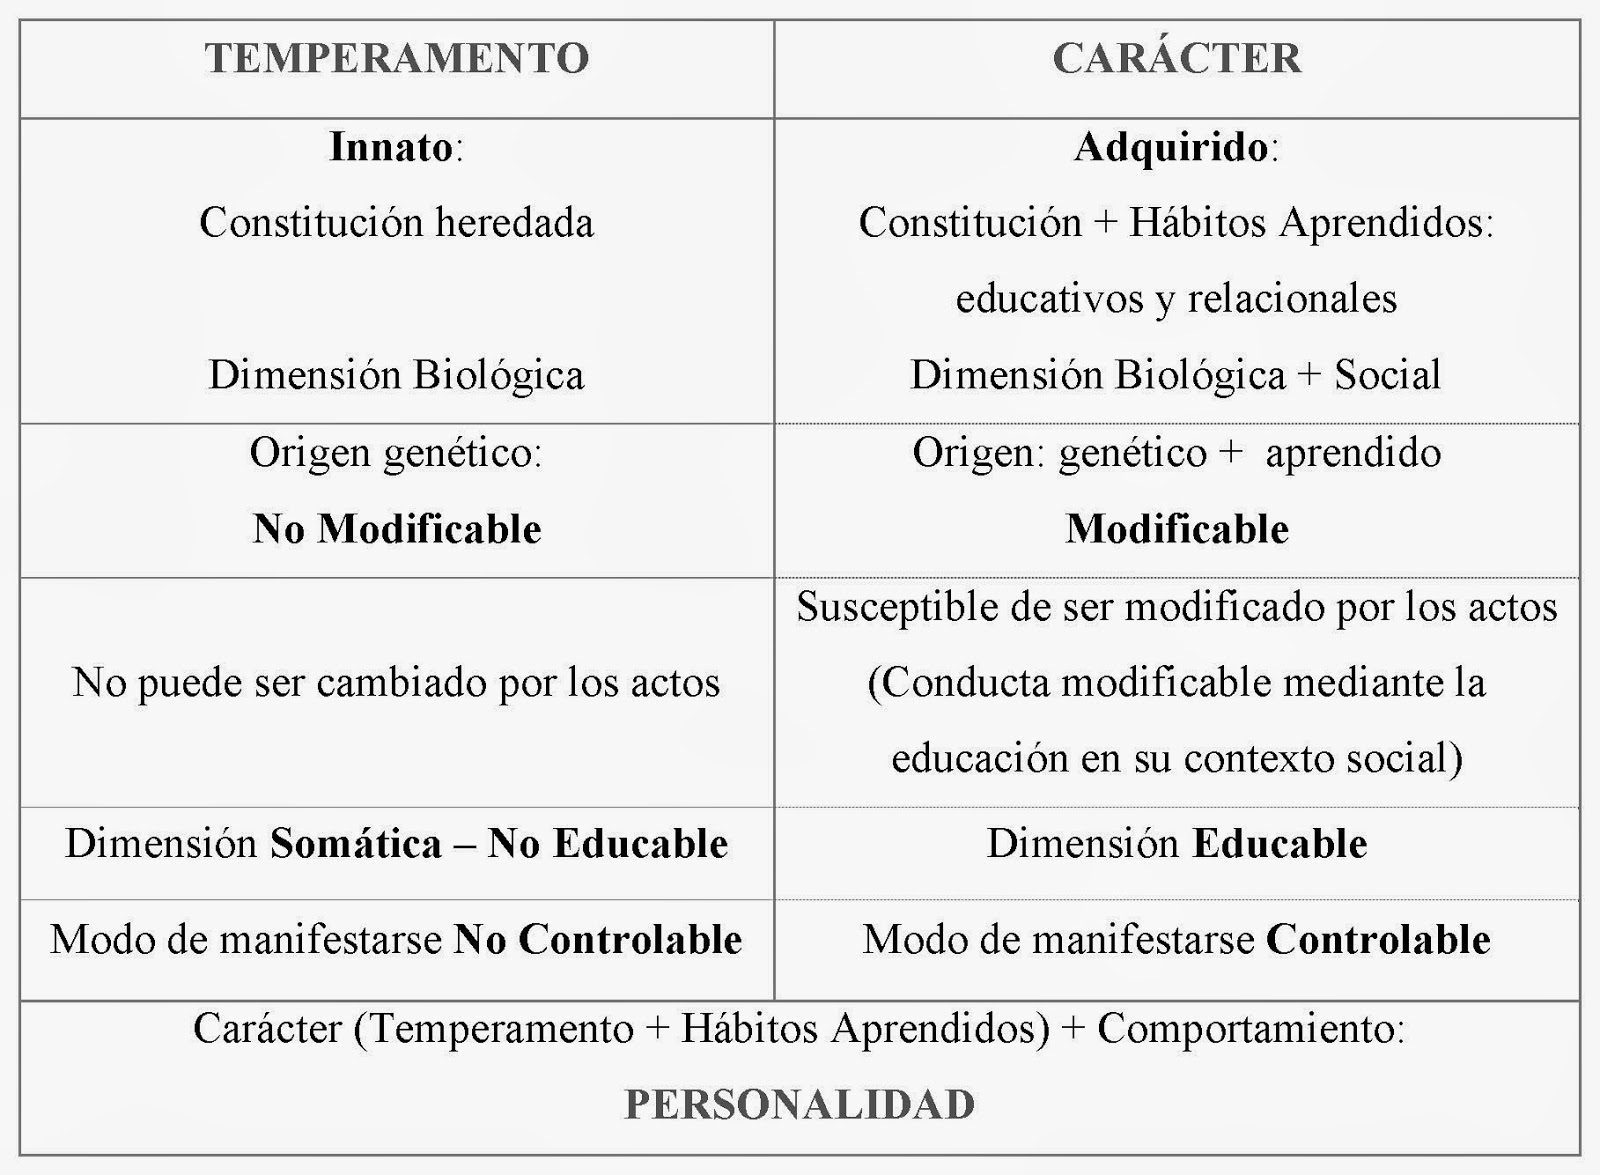 15 Diferencias En Las Personalidades De Personas Exitosas: PSICOLOGIA DE LA PERSONALIDAD: CUADRO DE TEMPERAMENTO